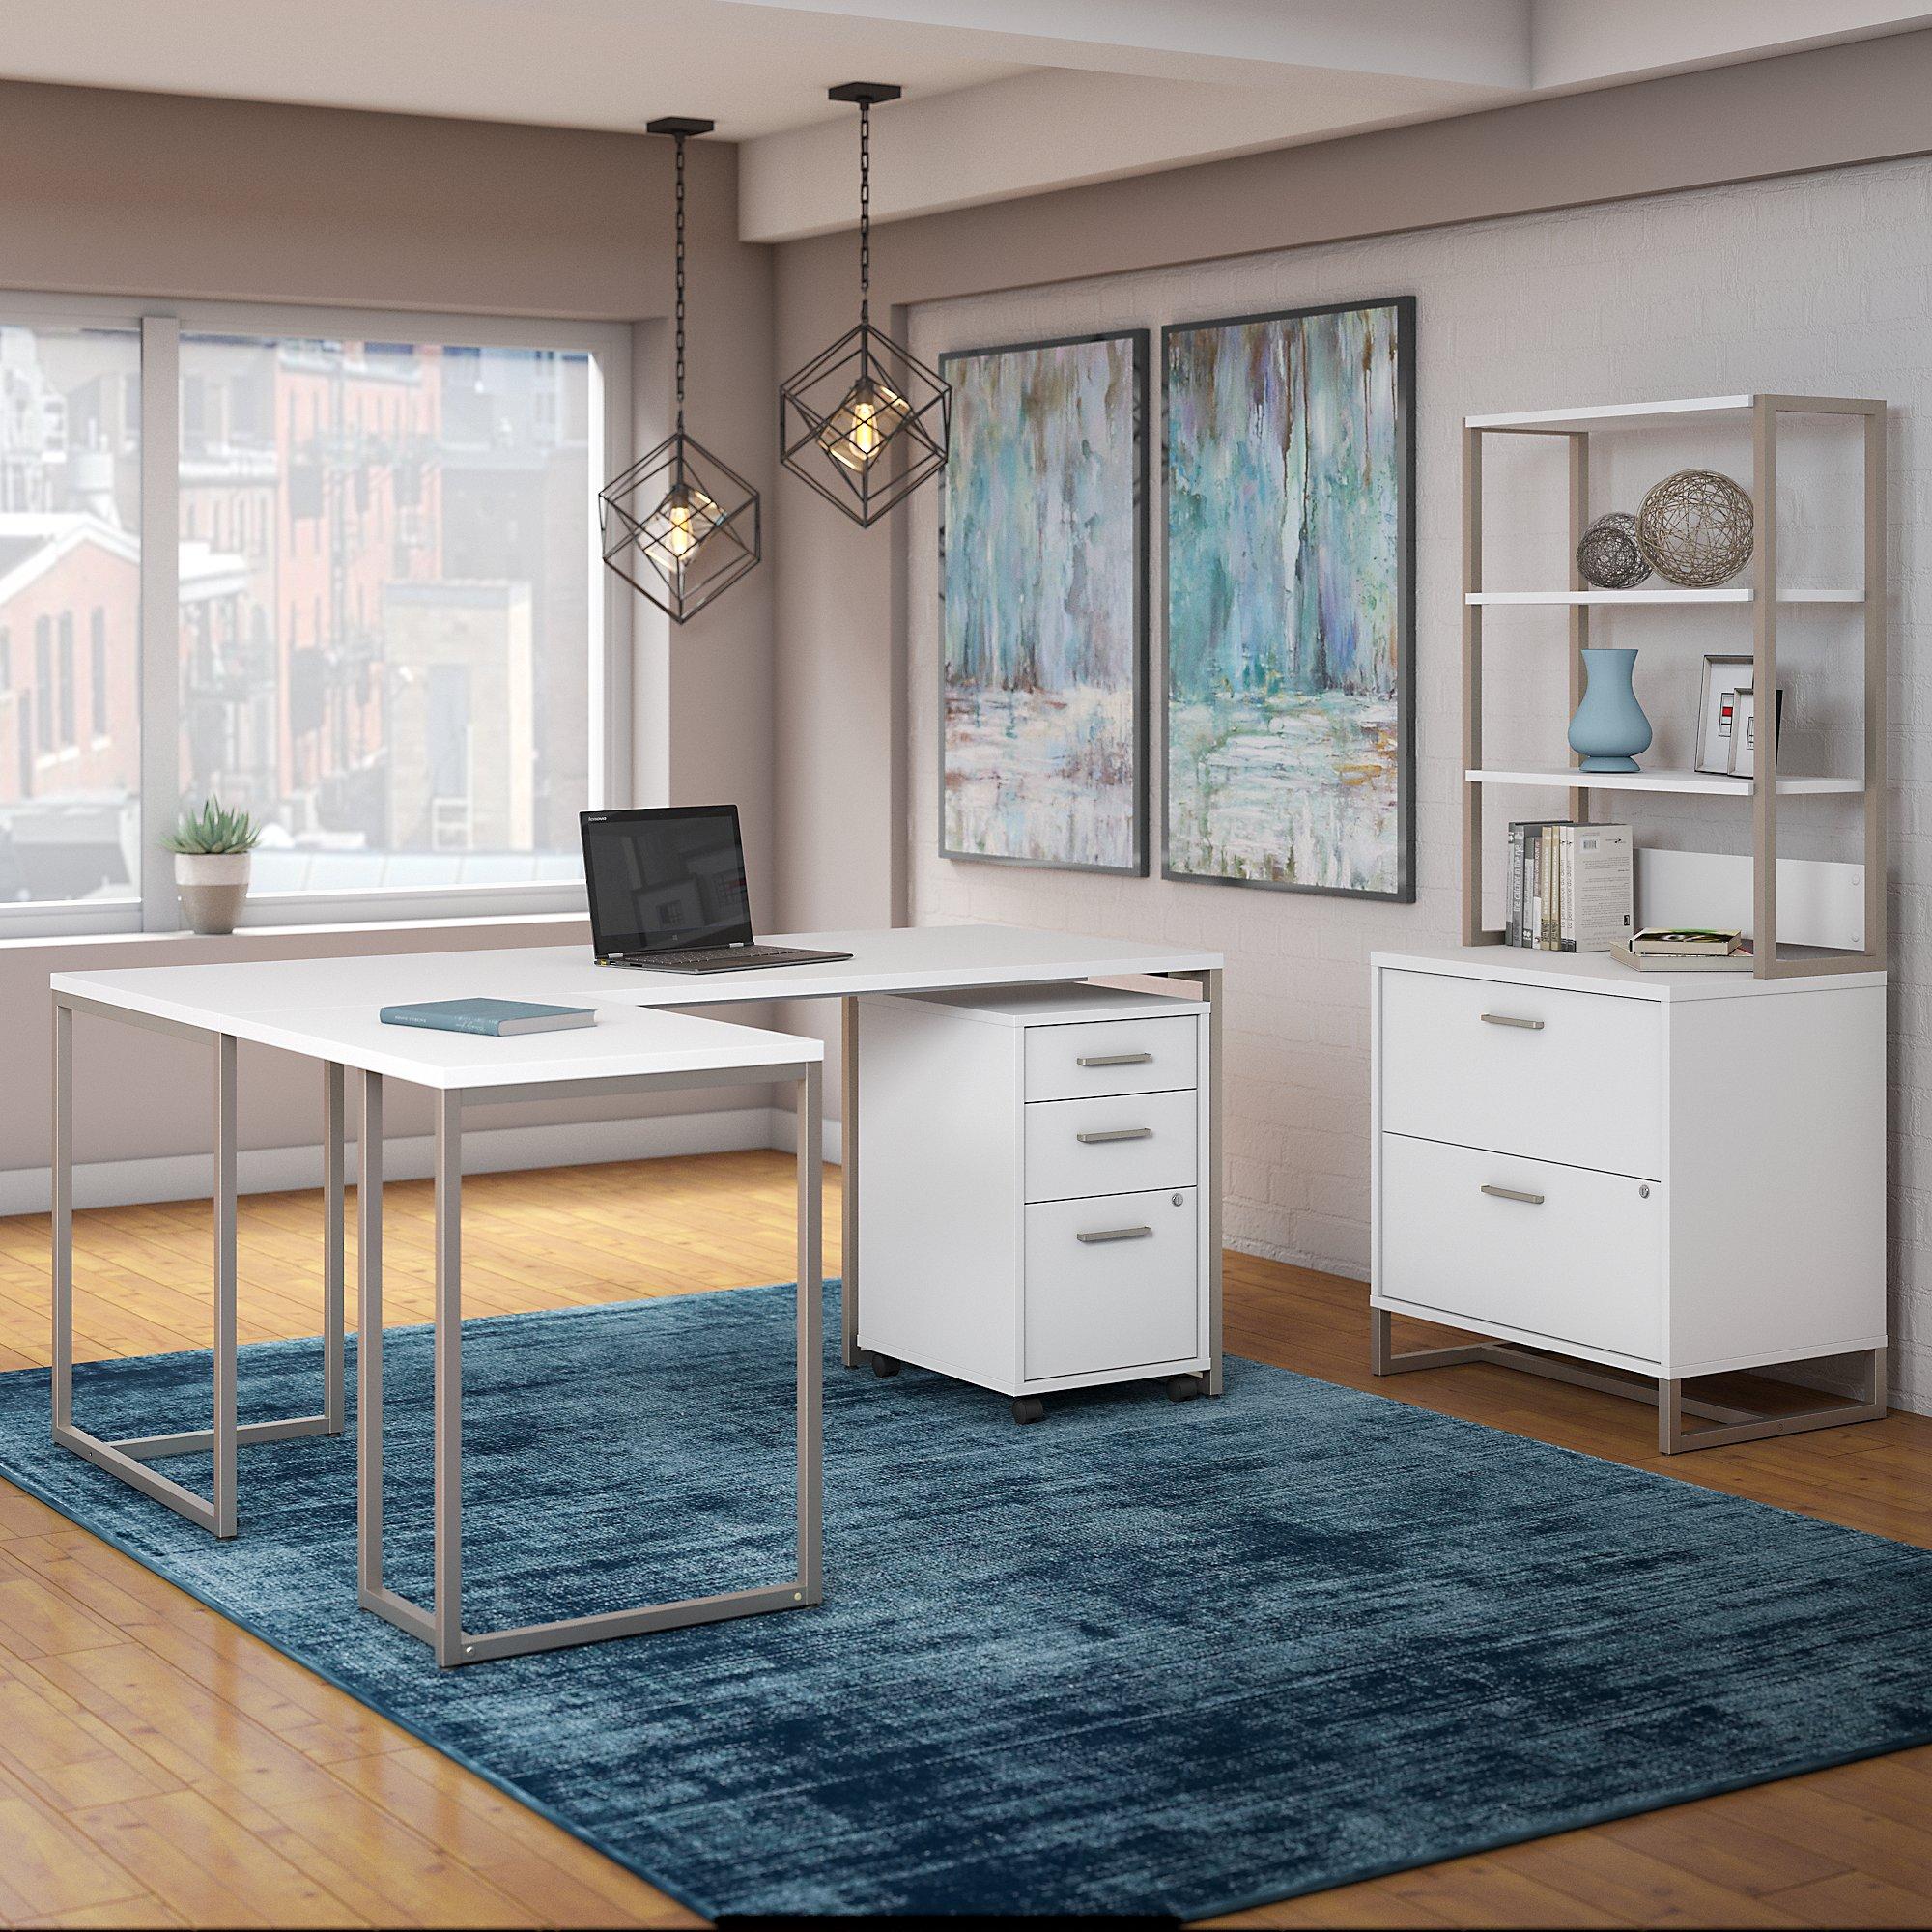 kathy ireland method executive furniture set in white